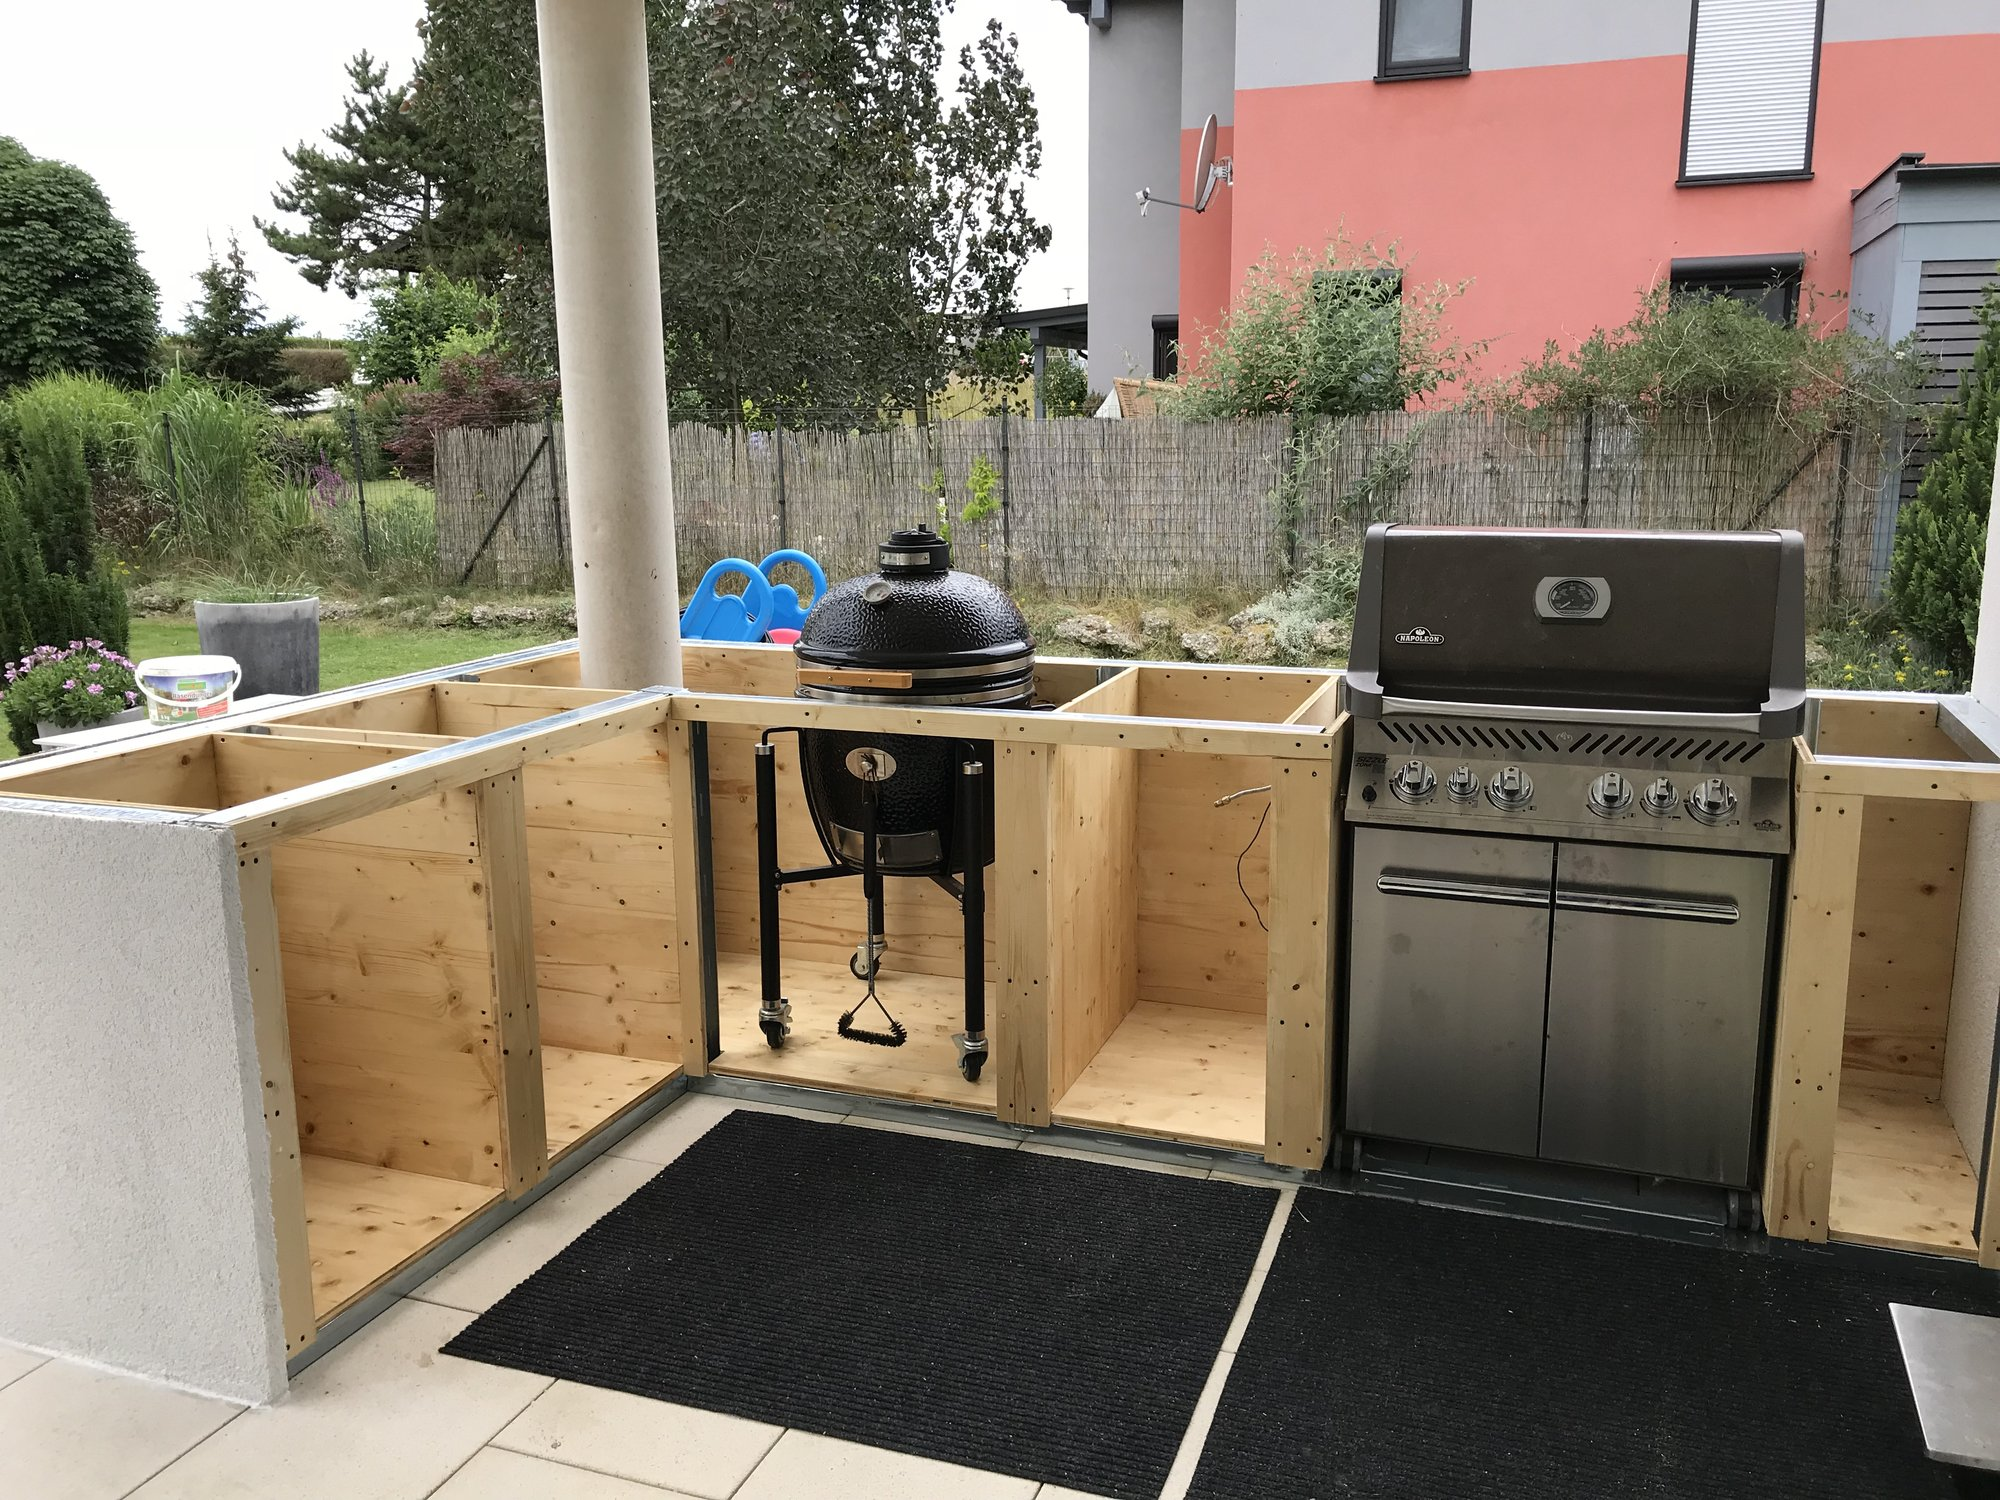 Steinplatte Outdoor Küche : Outdoorküche eigenbau grillforum und bbq www.grillsportverein.de